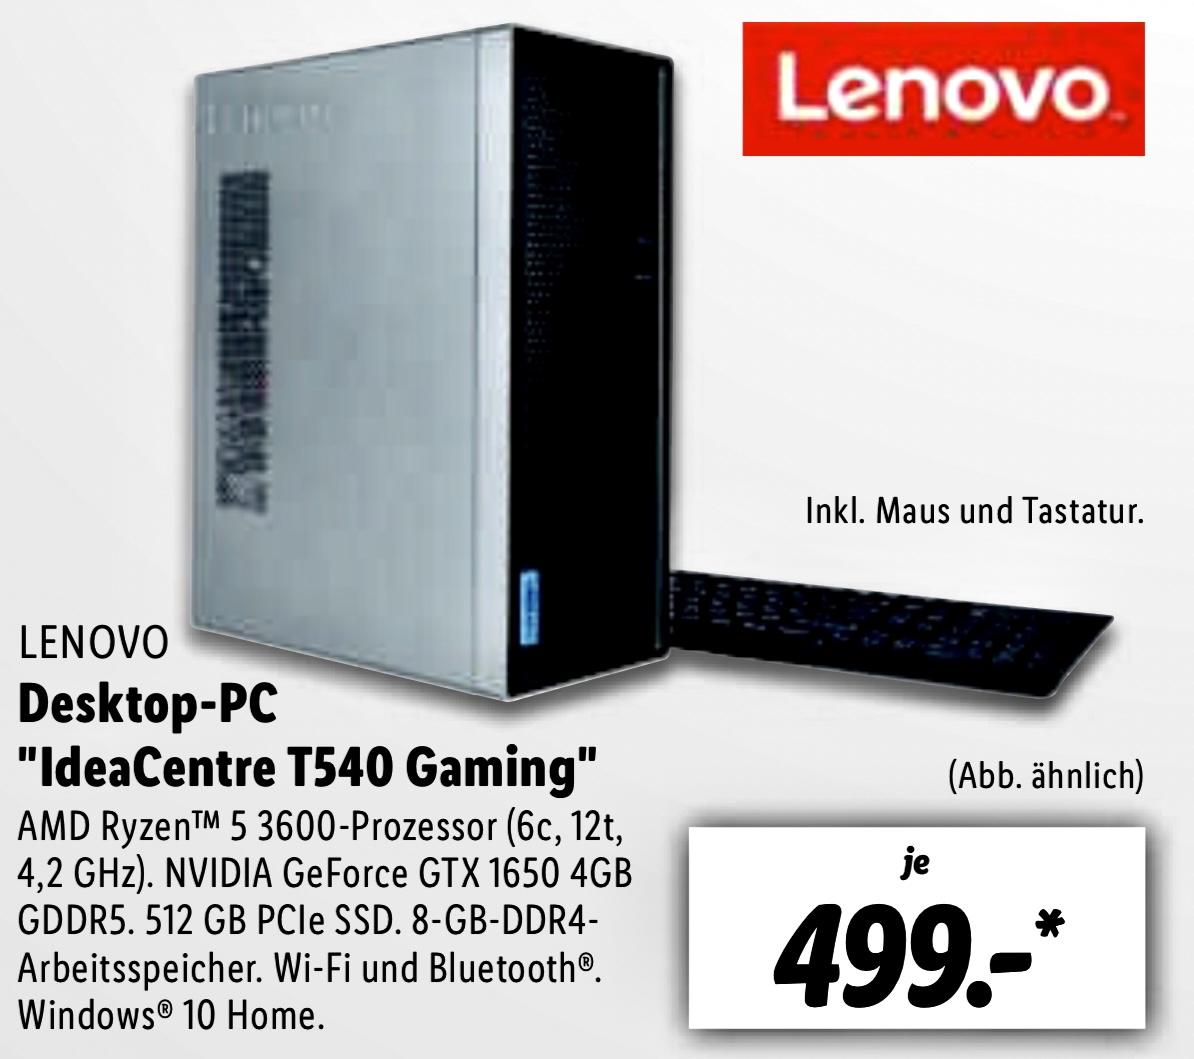 Lokal Lidl Groß-Gerau/Burghausen: Lenovo IdeaCentre T540 Gaming AMD Ryzen 5 3600, 8GB DIMM DDR4, 512GB SSD, NVIDIA GeForce GTX 1650 für 494€